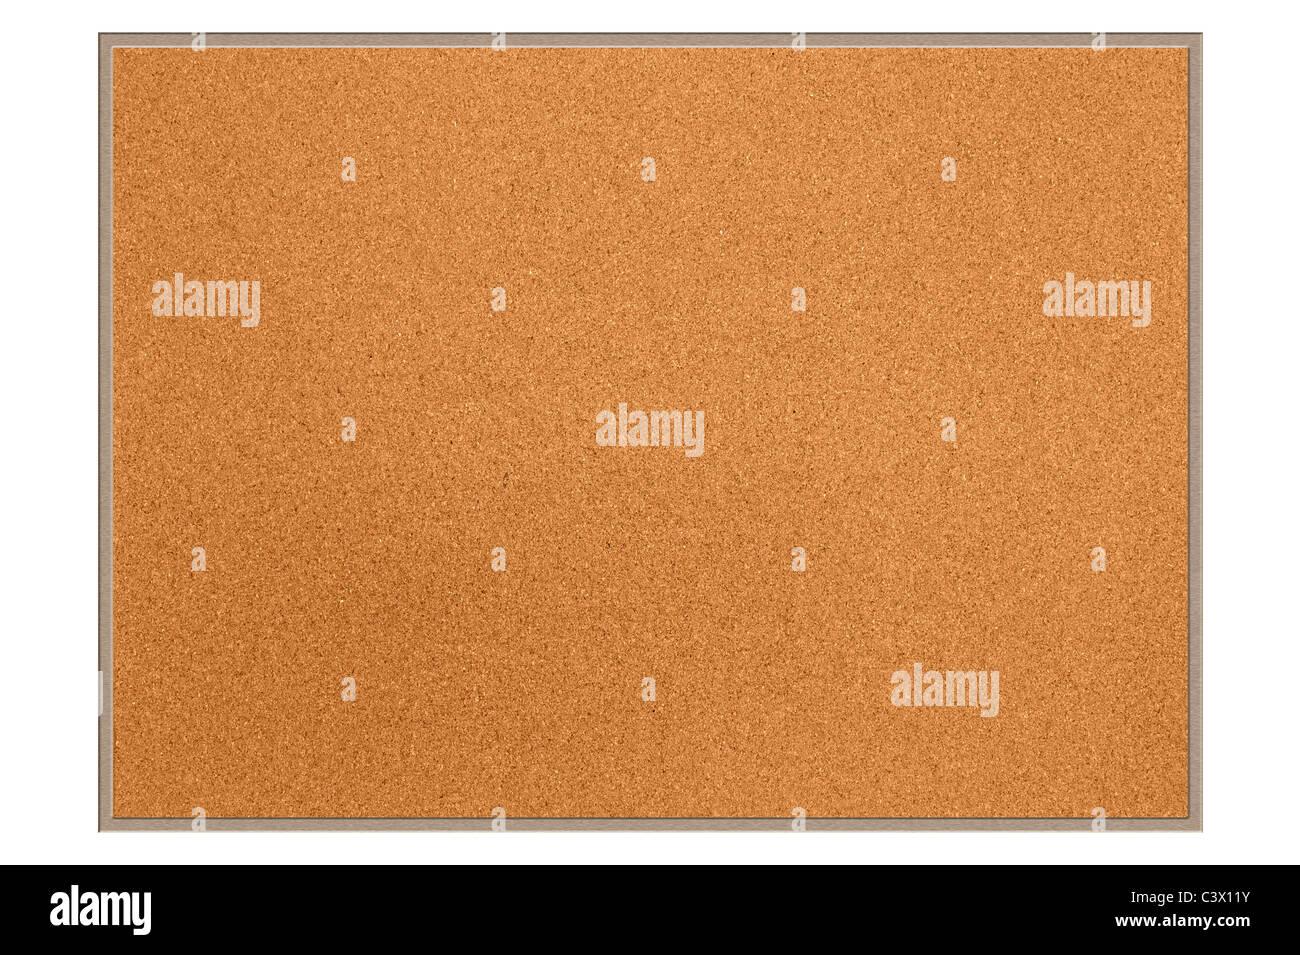 Eine neue leere Pinnwand für den Einsatz als oder für Designer, Kopie oder ClipArt auf zu setzen. Stockbild